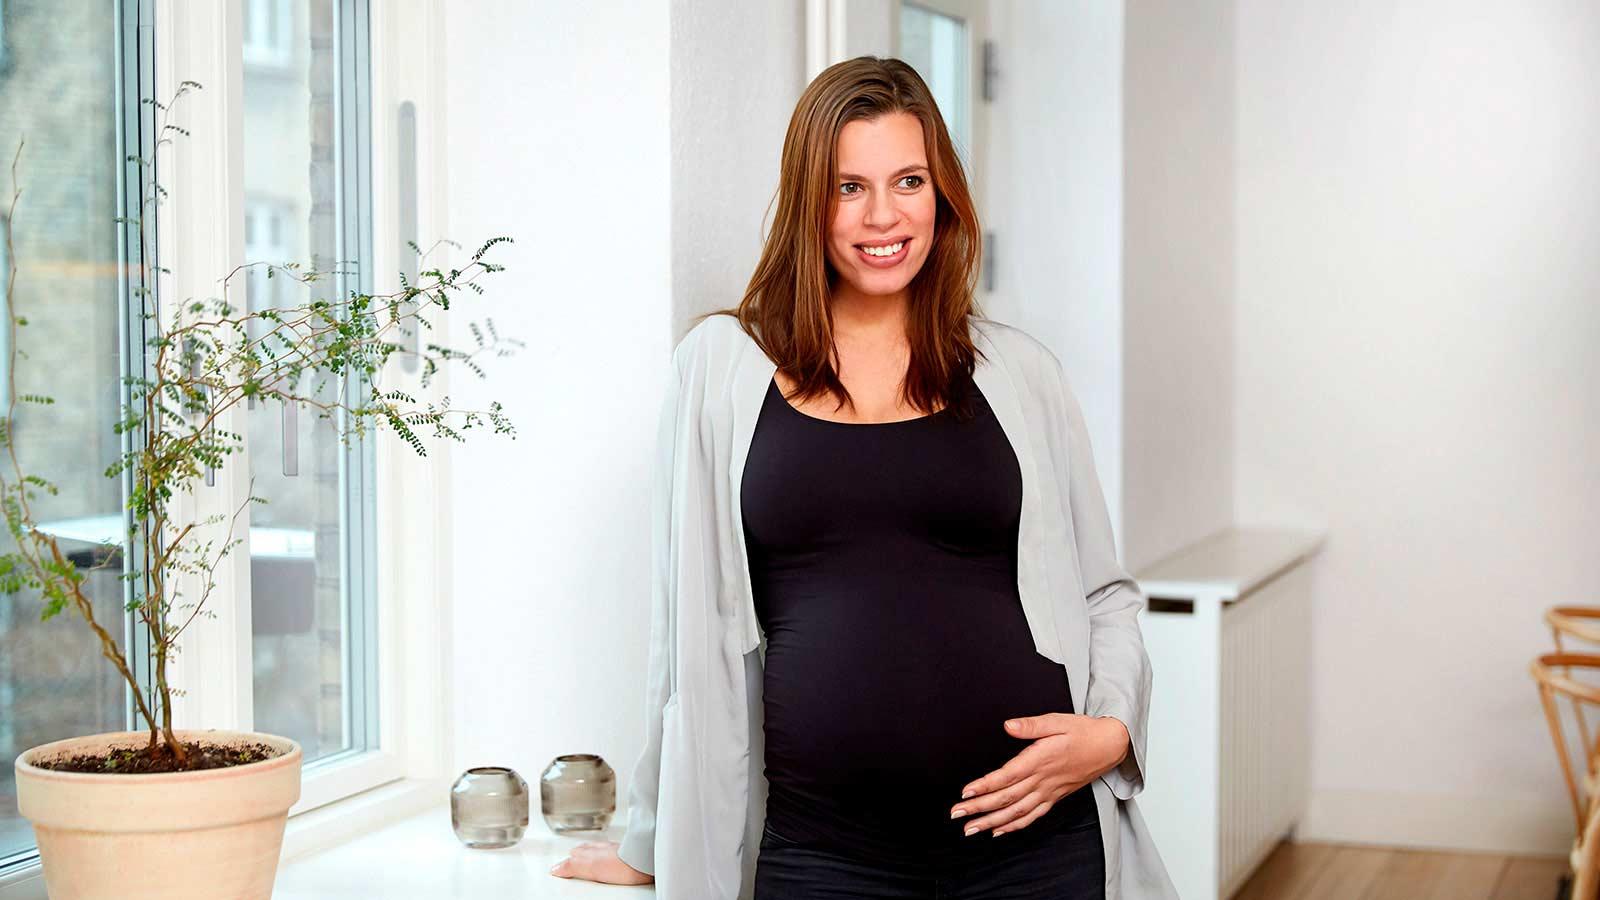 Mulher grávida que utilizou esperma de doador para que o seu sonho de ser mãe pudesse ser realizado